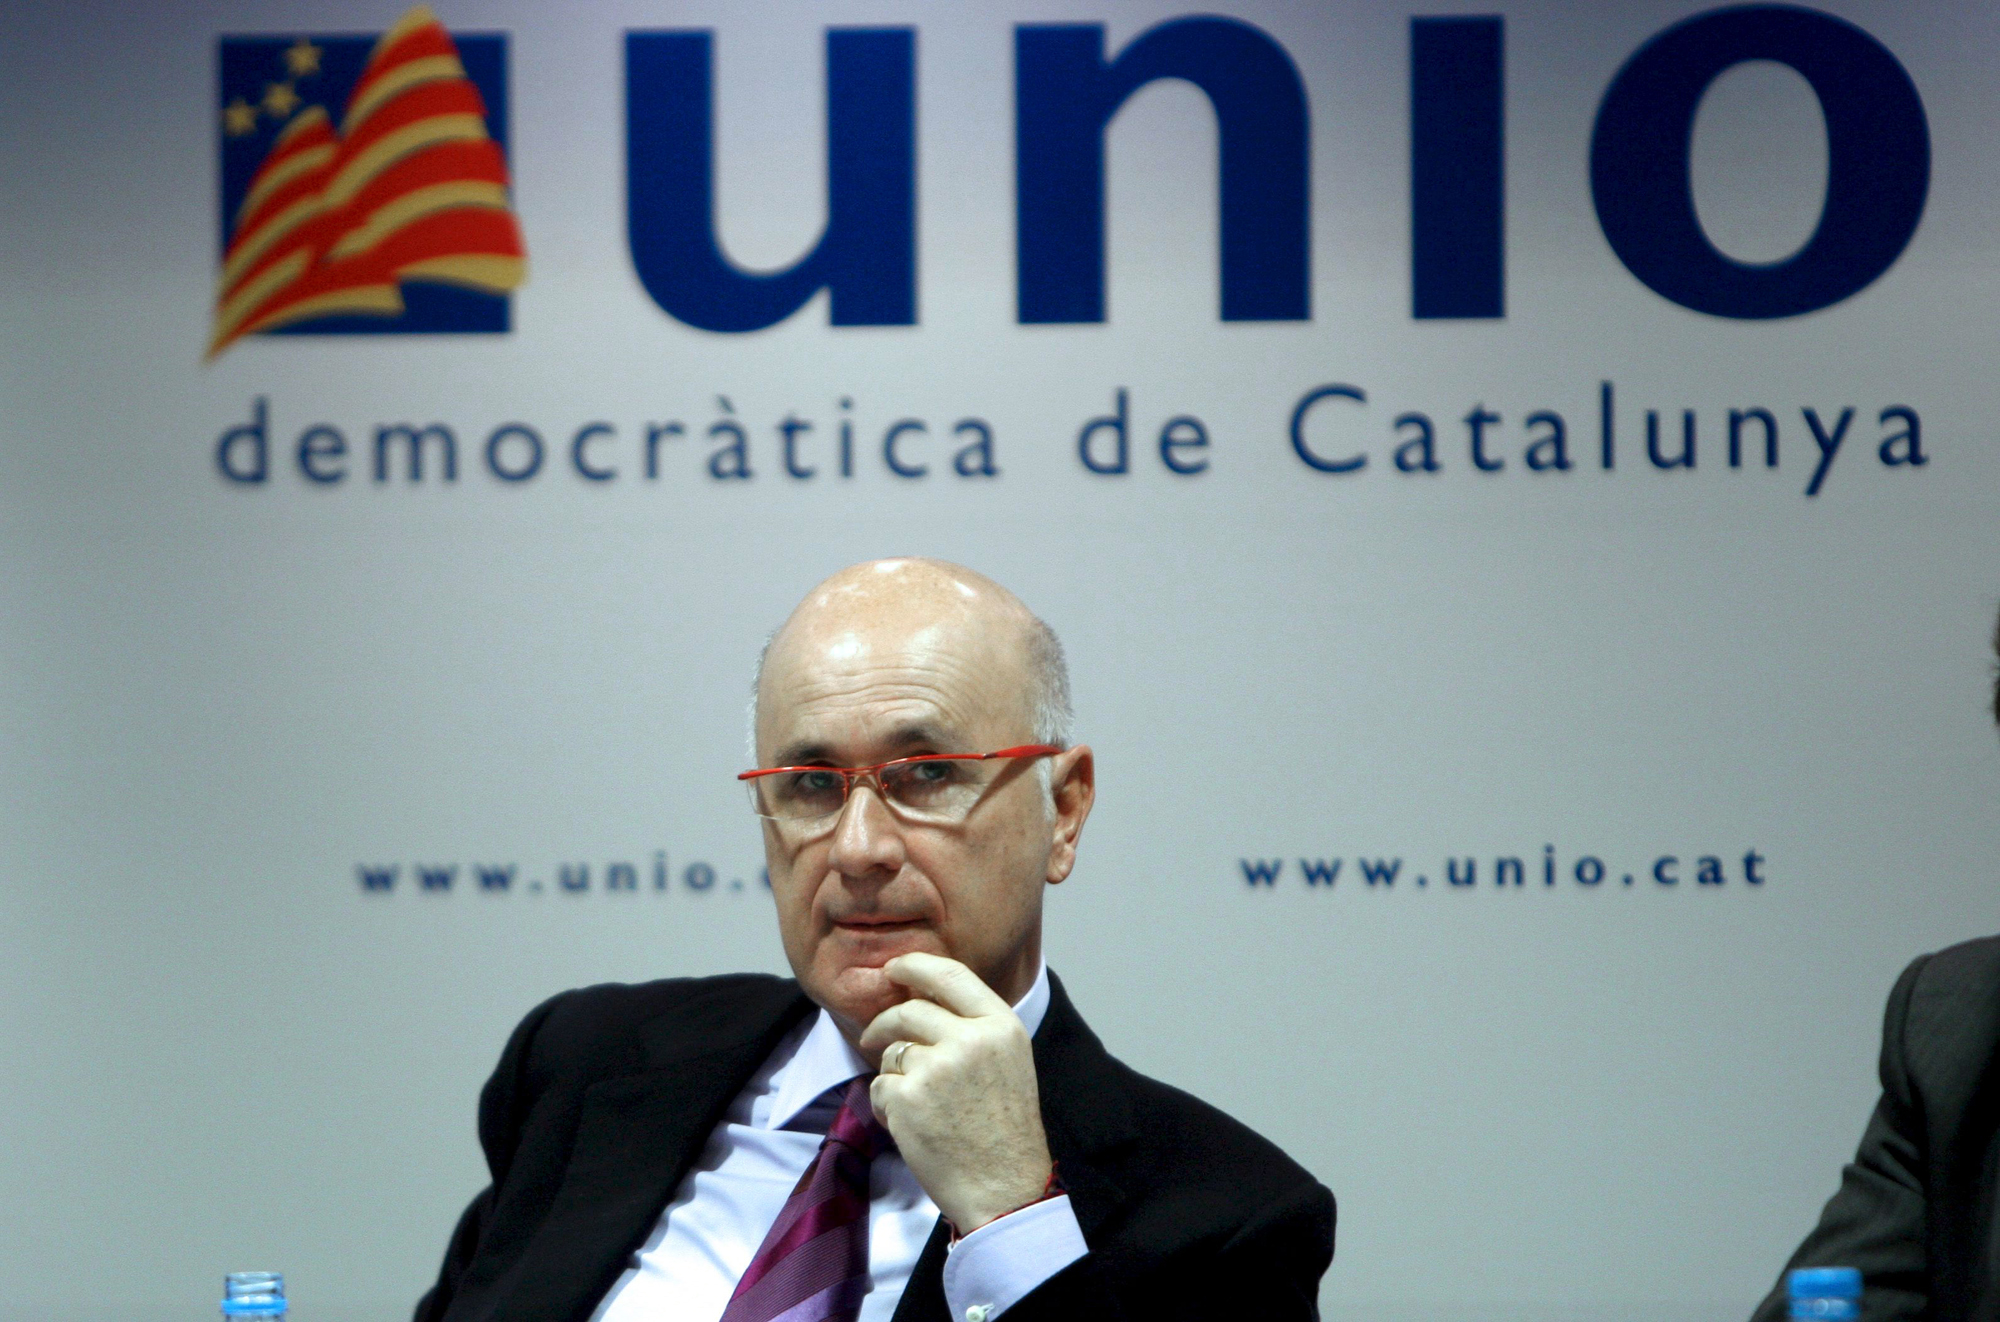 Duran i Lleida, a la seu d'Unió Democràtica de Catalunya / CiU